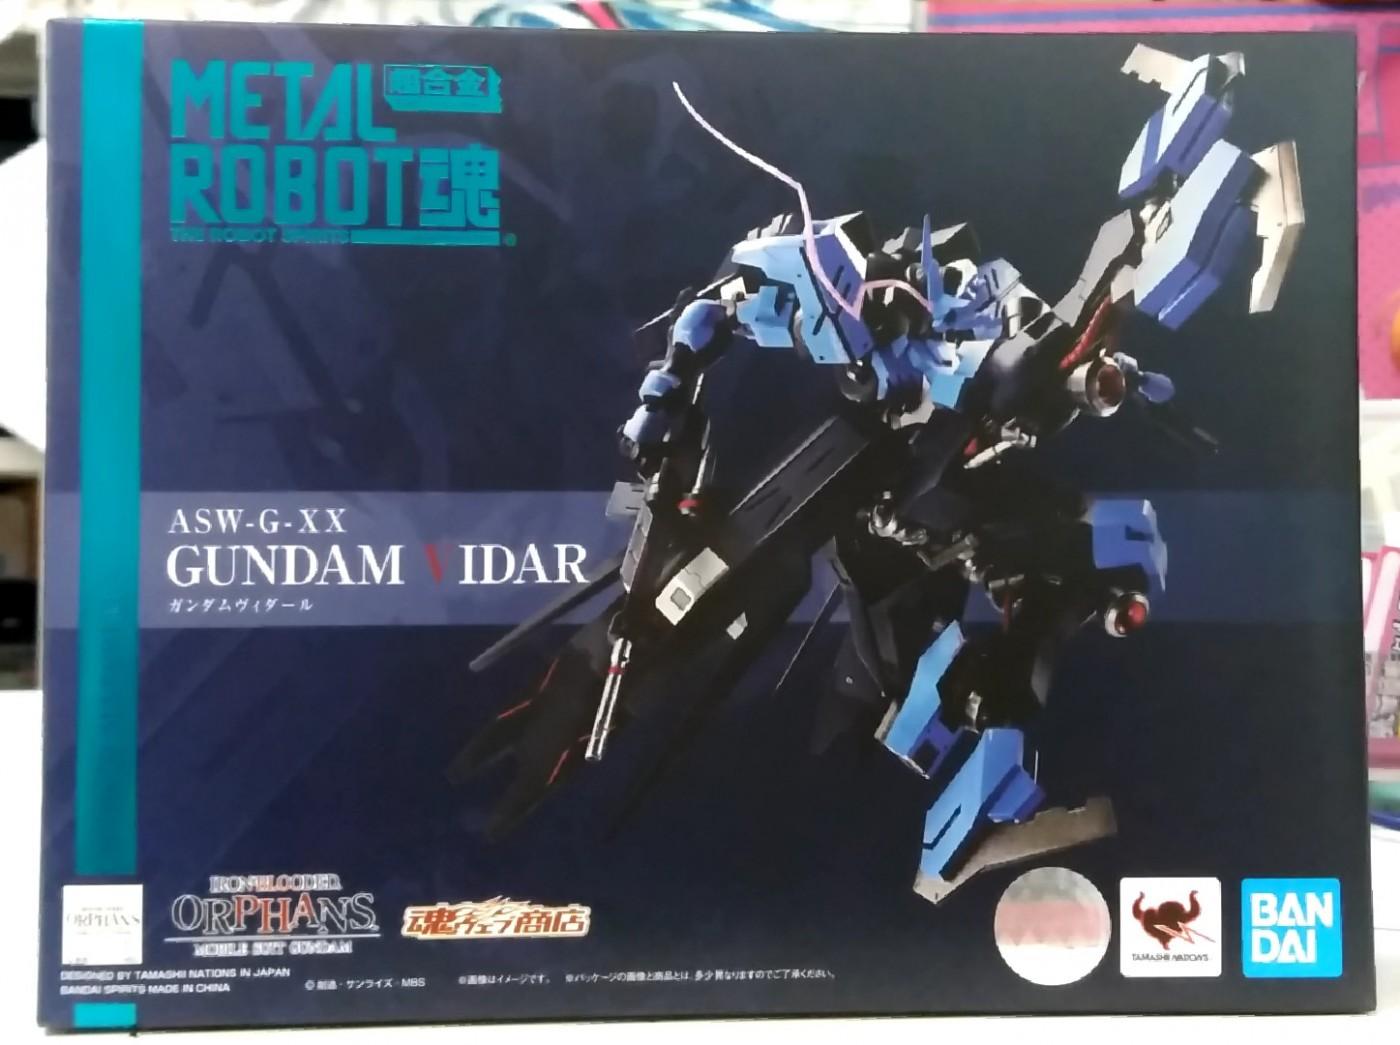 買取情報『バンダイの「機動戦士ガンダム鉄血のオルフェンズ」メタルロボット魂 ガンダムヴィダール』